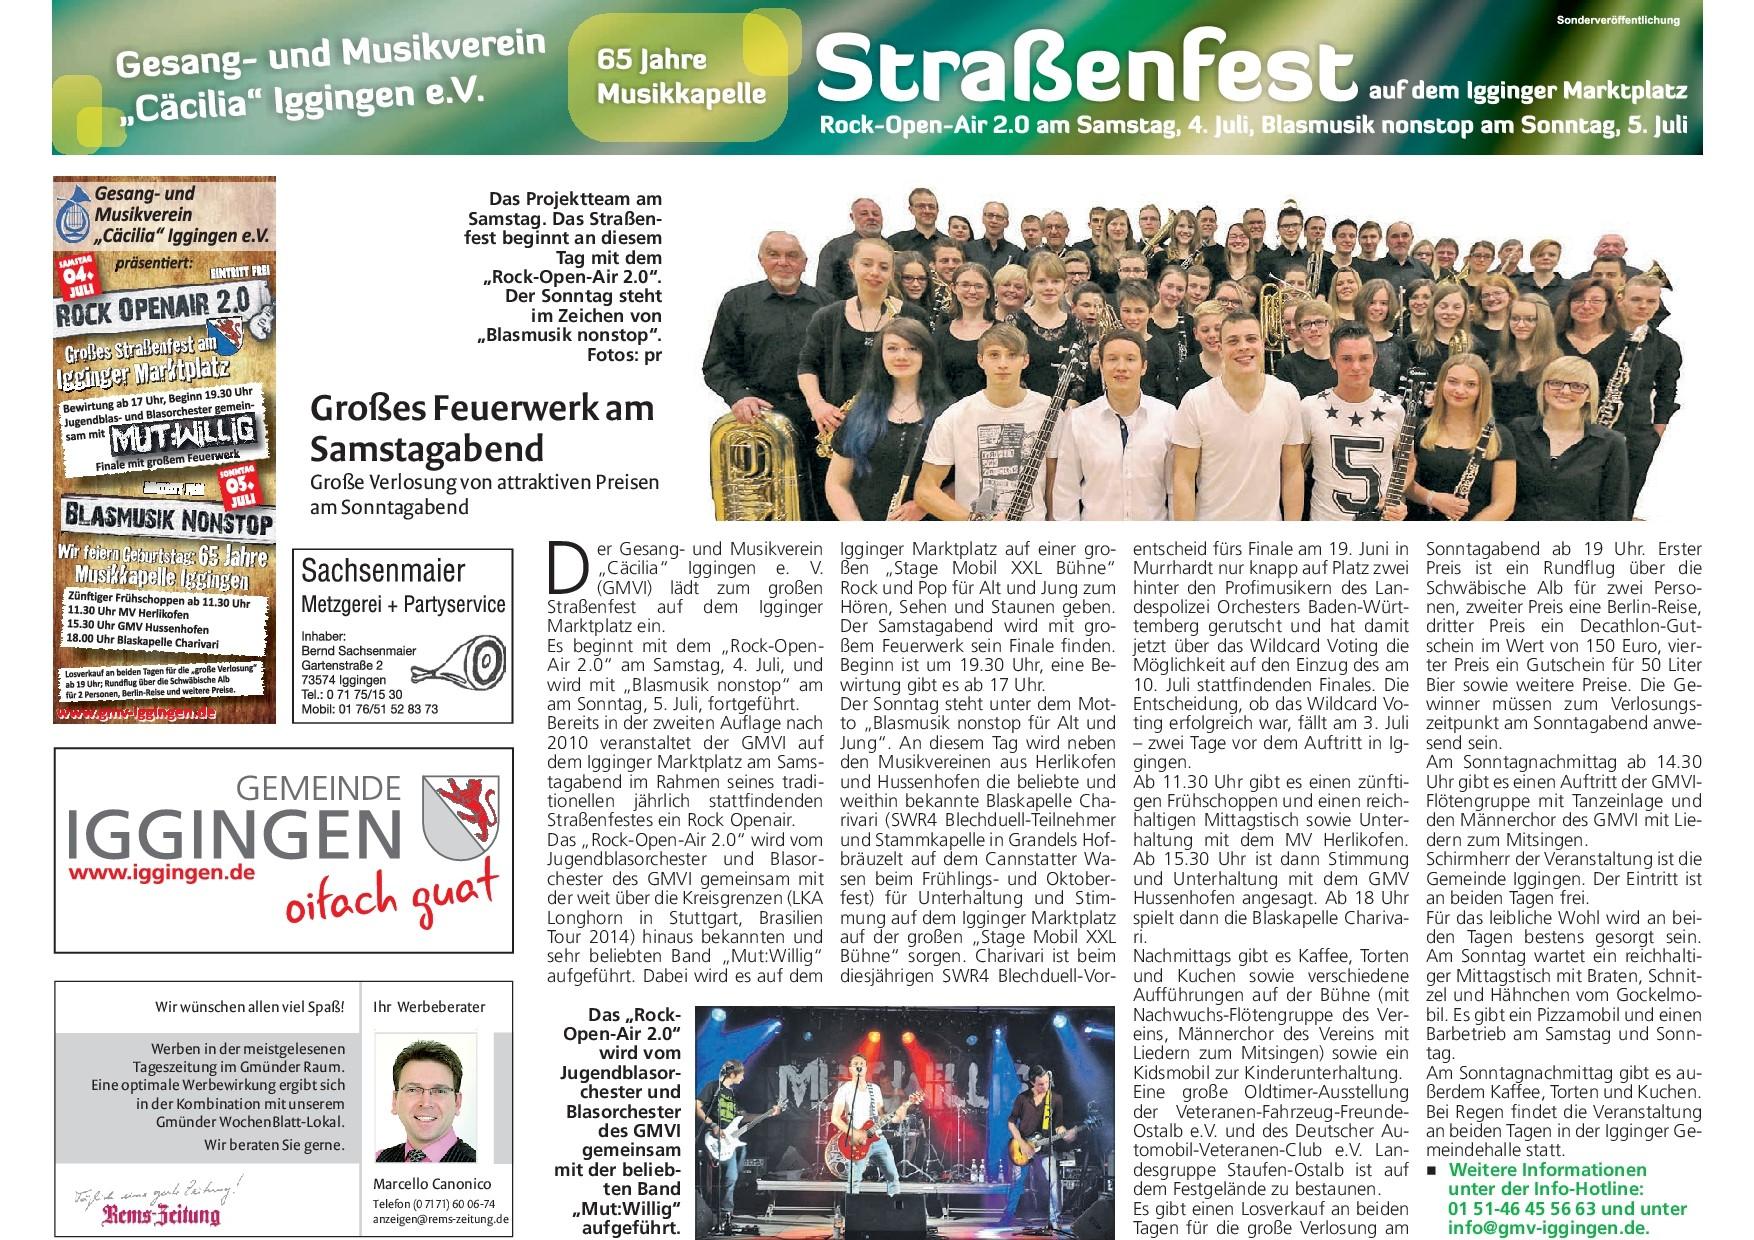 Kollektiv Wochenblatt der Remszeitung vom 1.7.